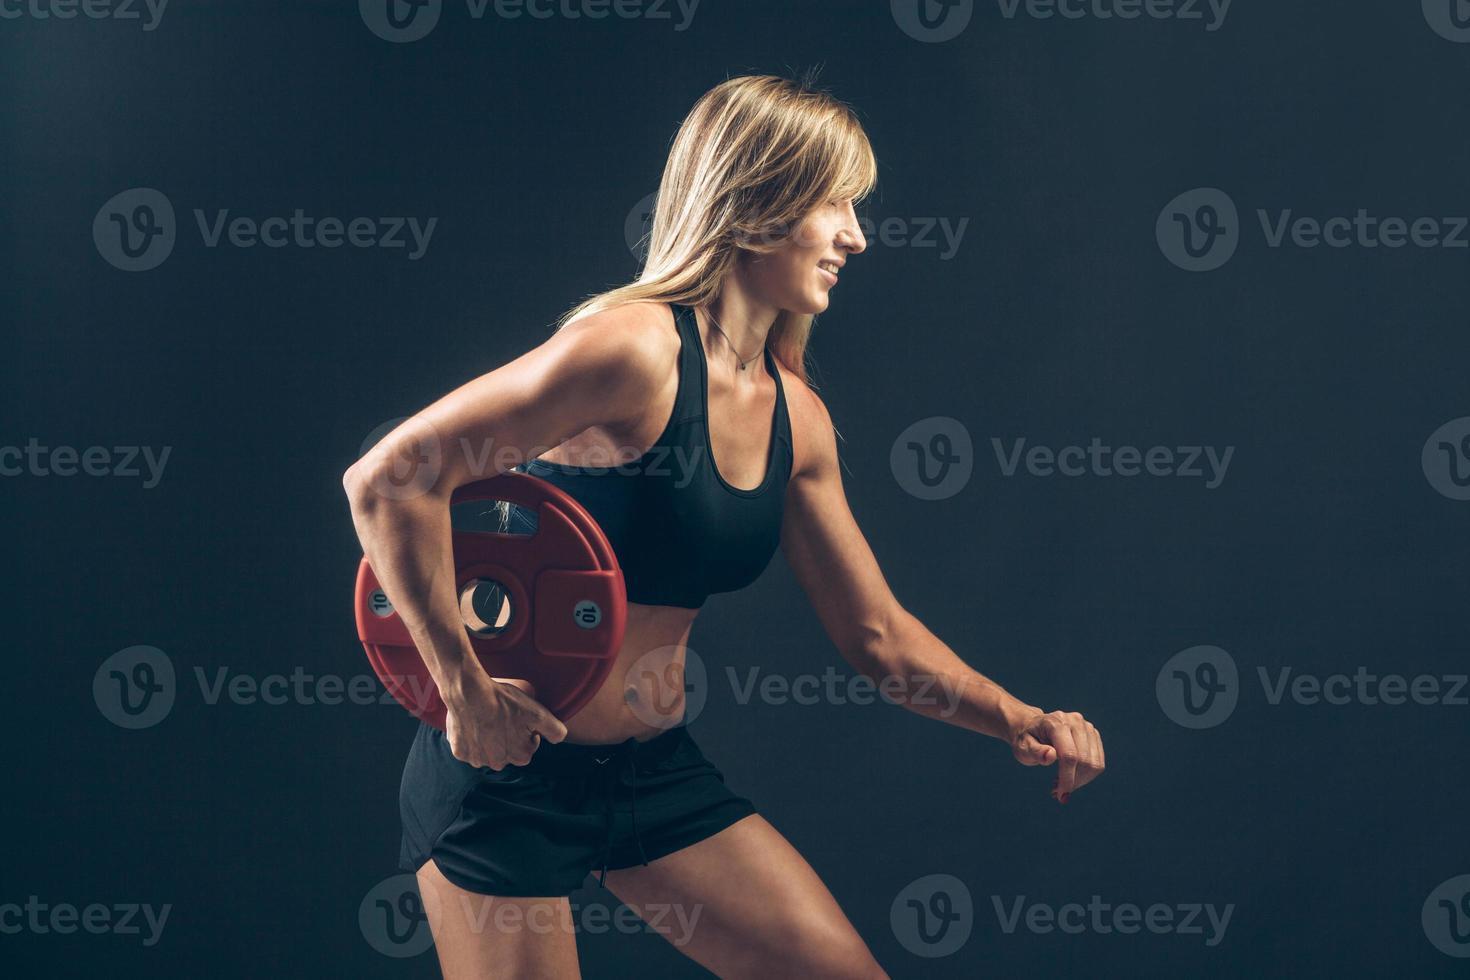 mujer fitness haciendo entrenamiento con pesas levantando pesas pesadas foto